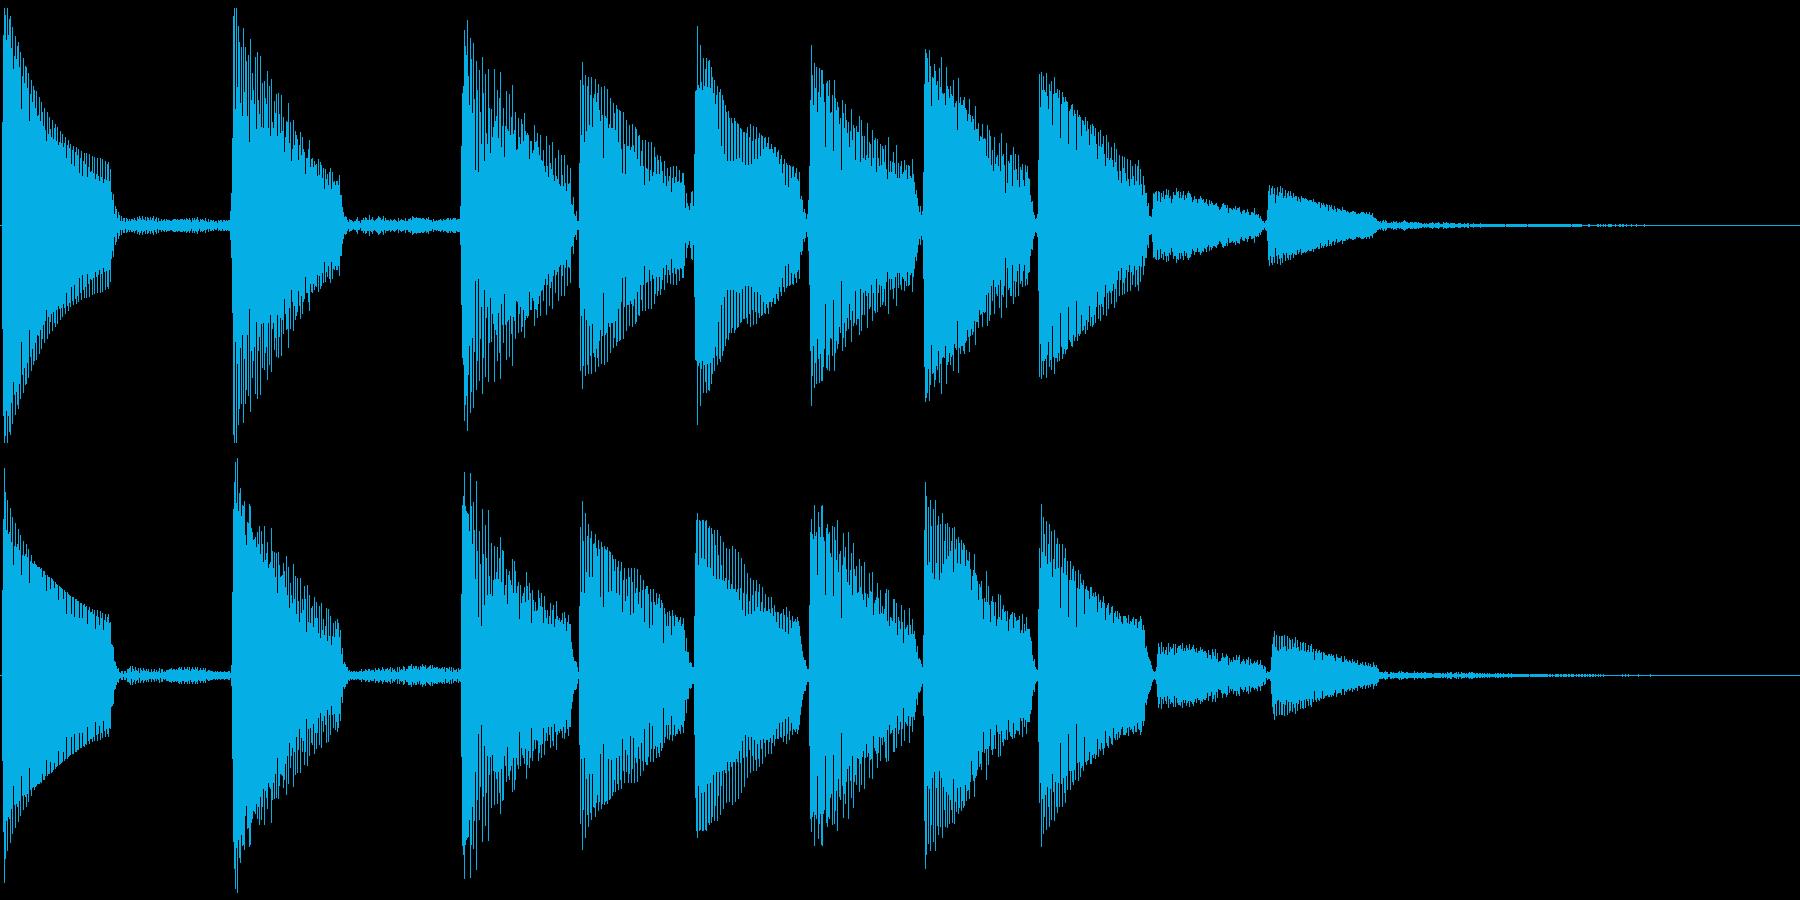 通知音・着信音風ジングル2(ループ)の再生済みの波形